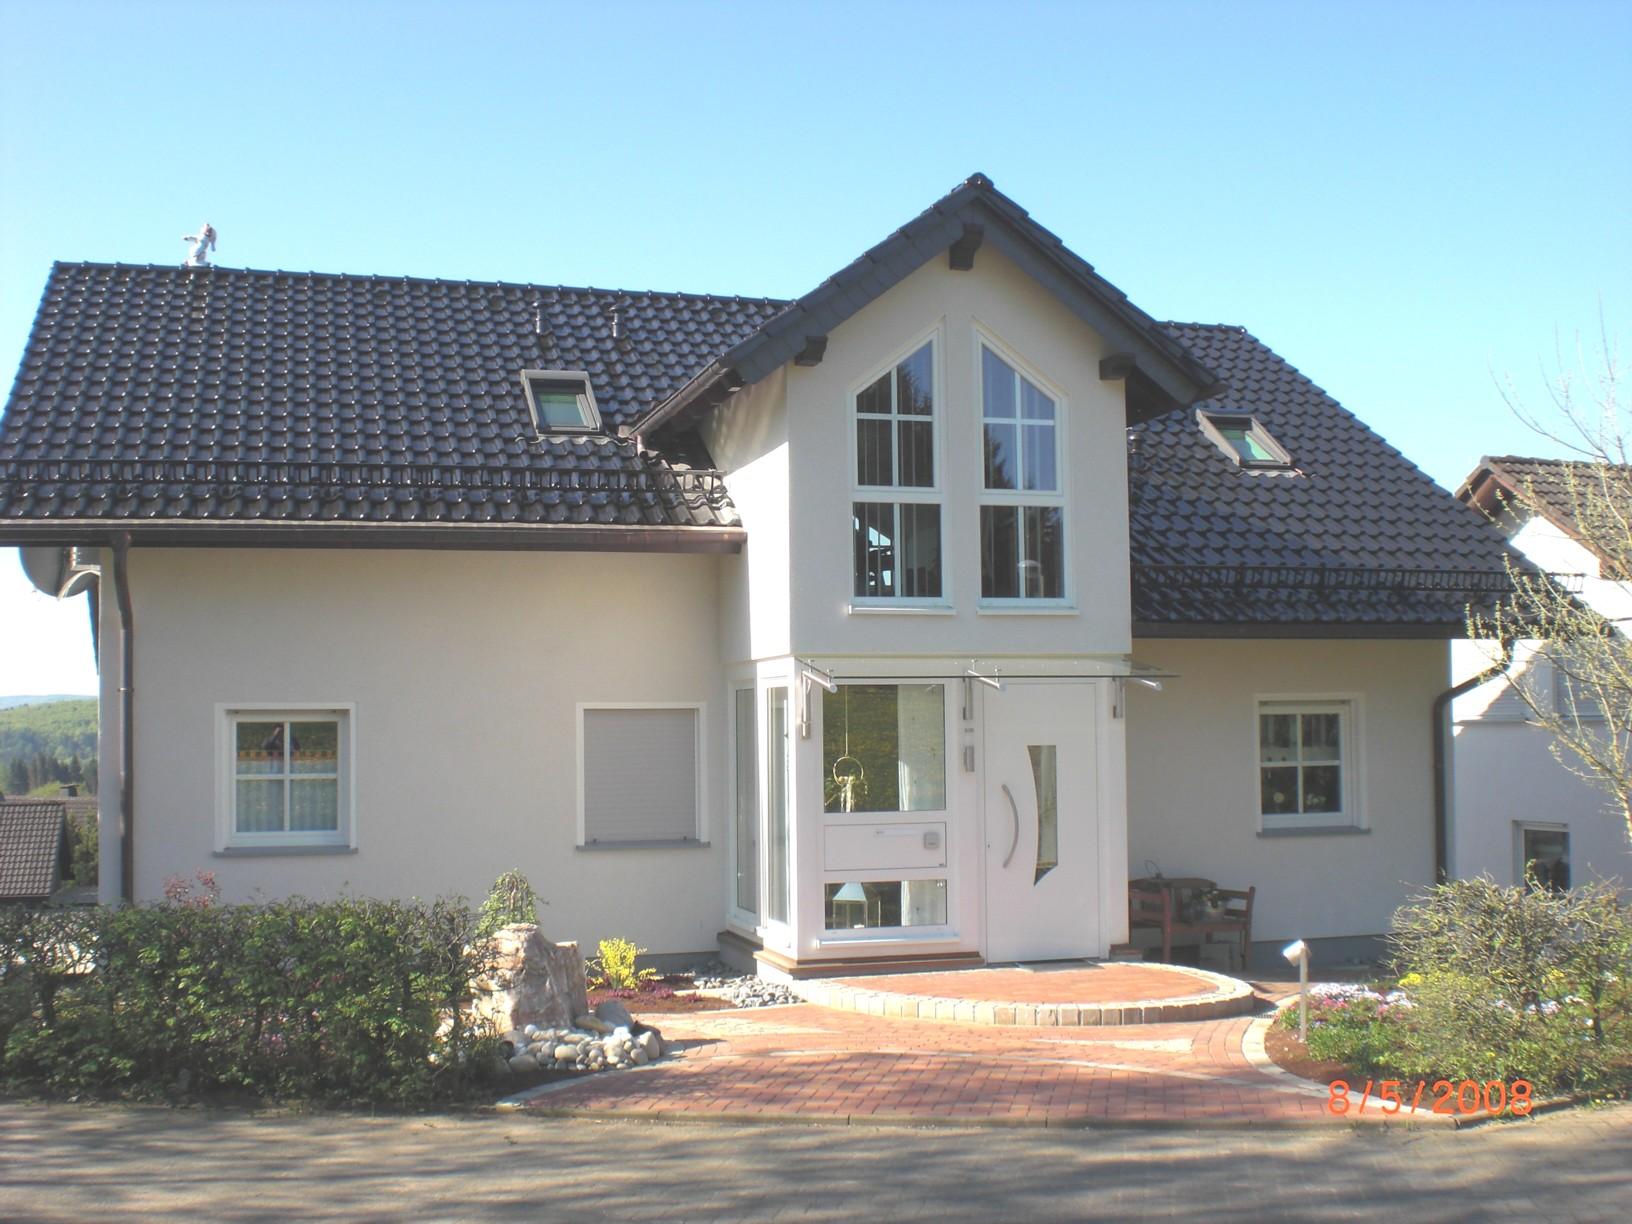 Wohnhaus wohnhaus mit zeltdach wohnhaus in mnchenstein for Das japanische wohnhaus